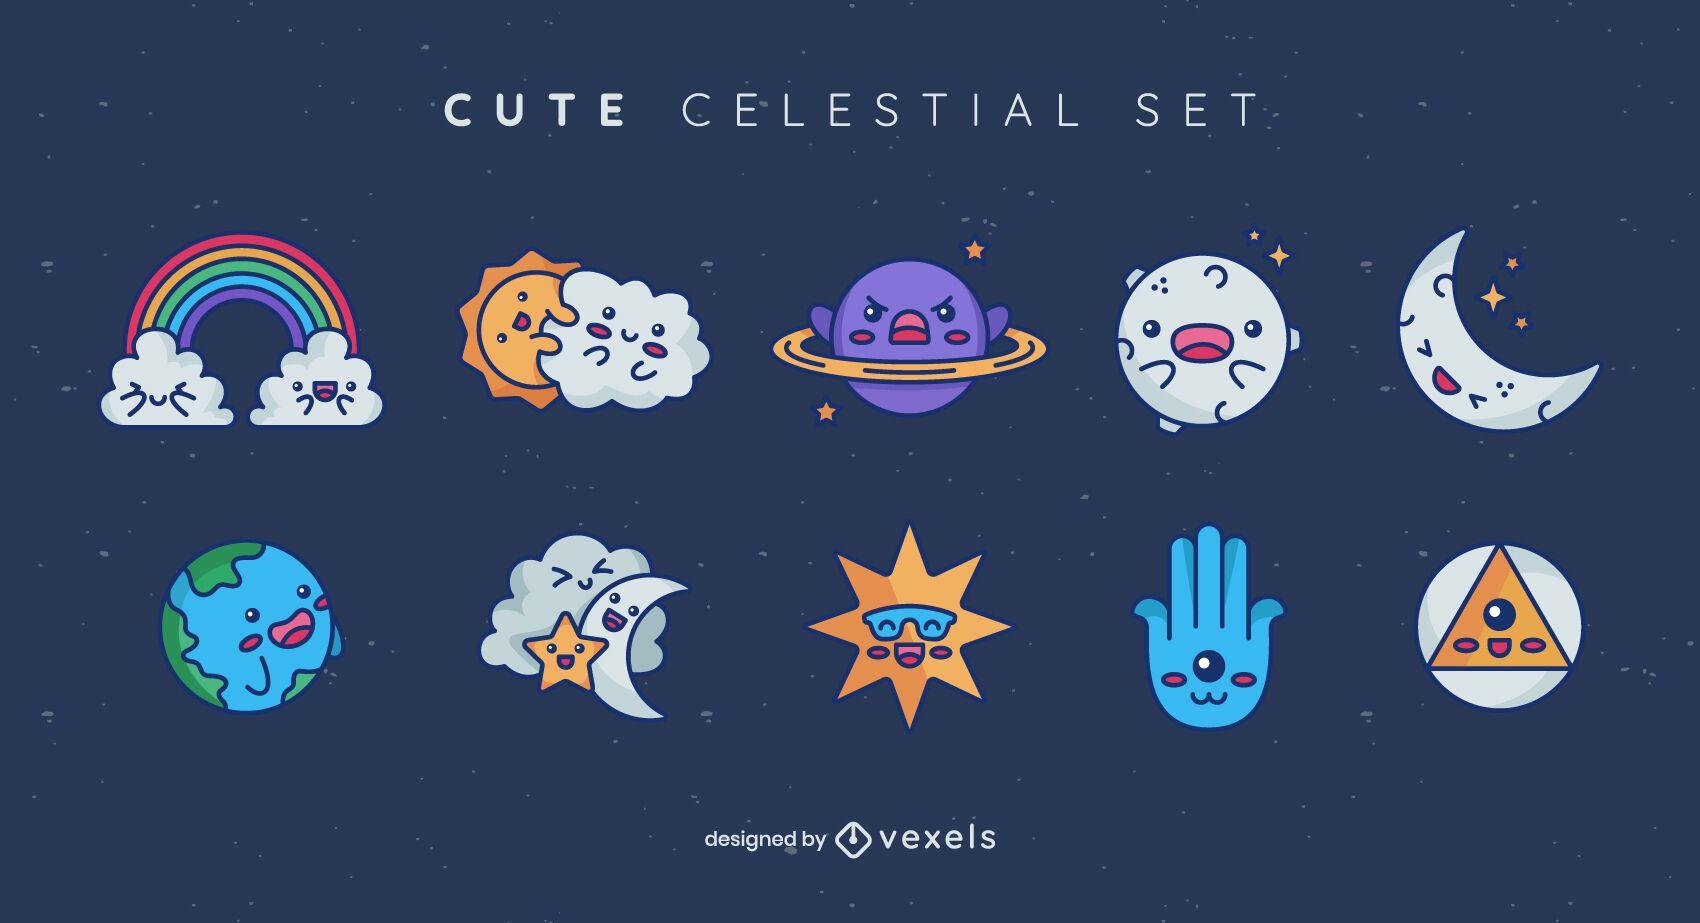 Cute celestial set design